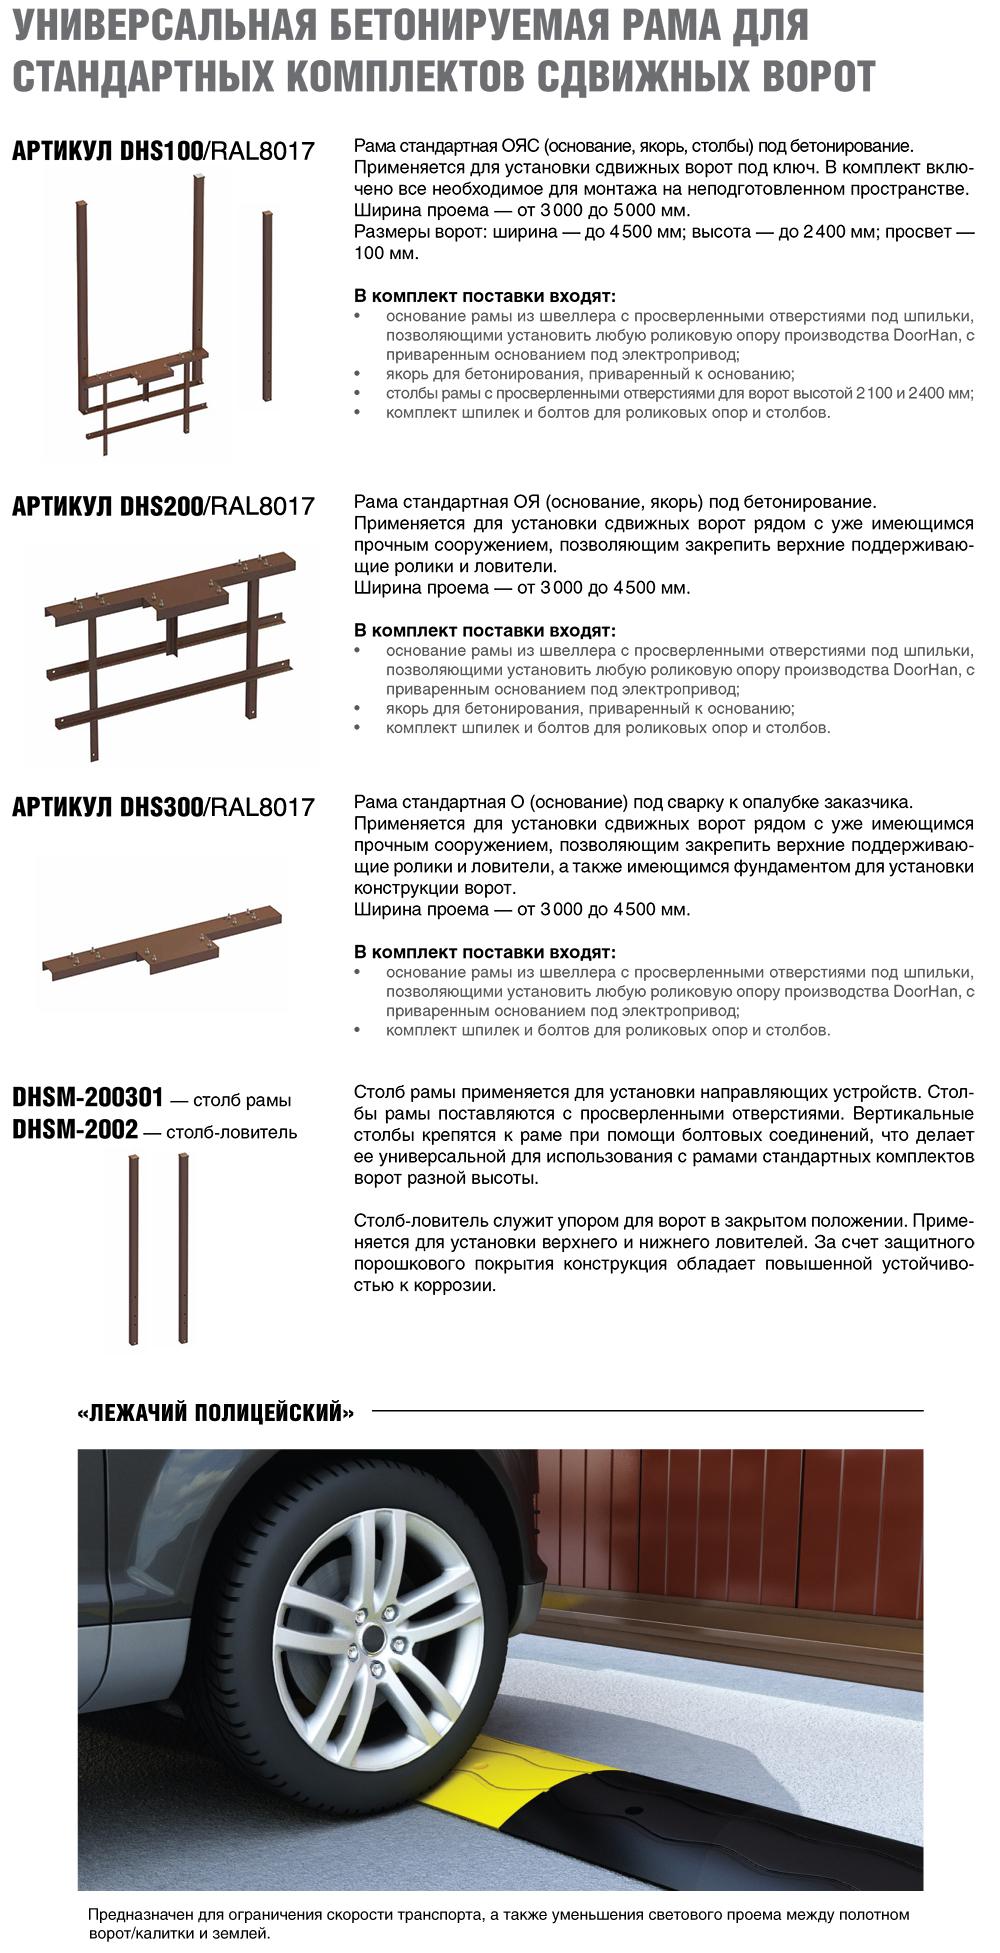 Комплектация и аксессуары воротDoorHan Revolution